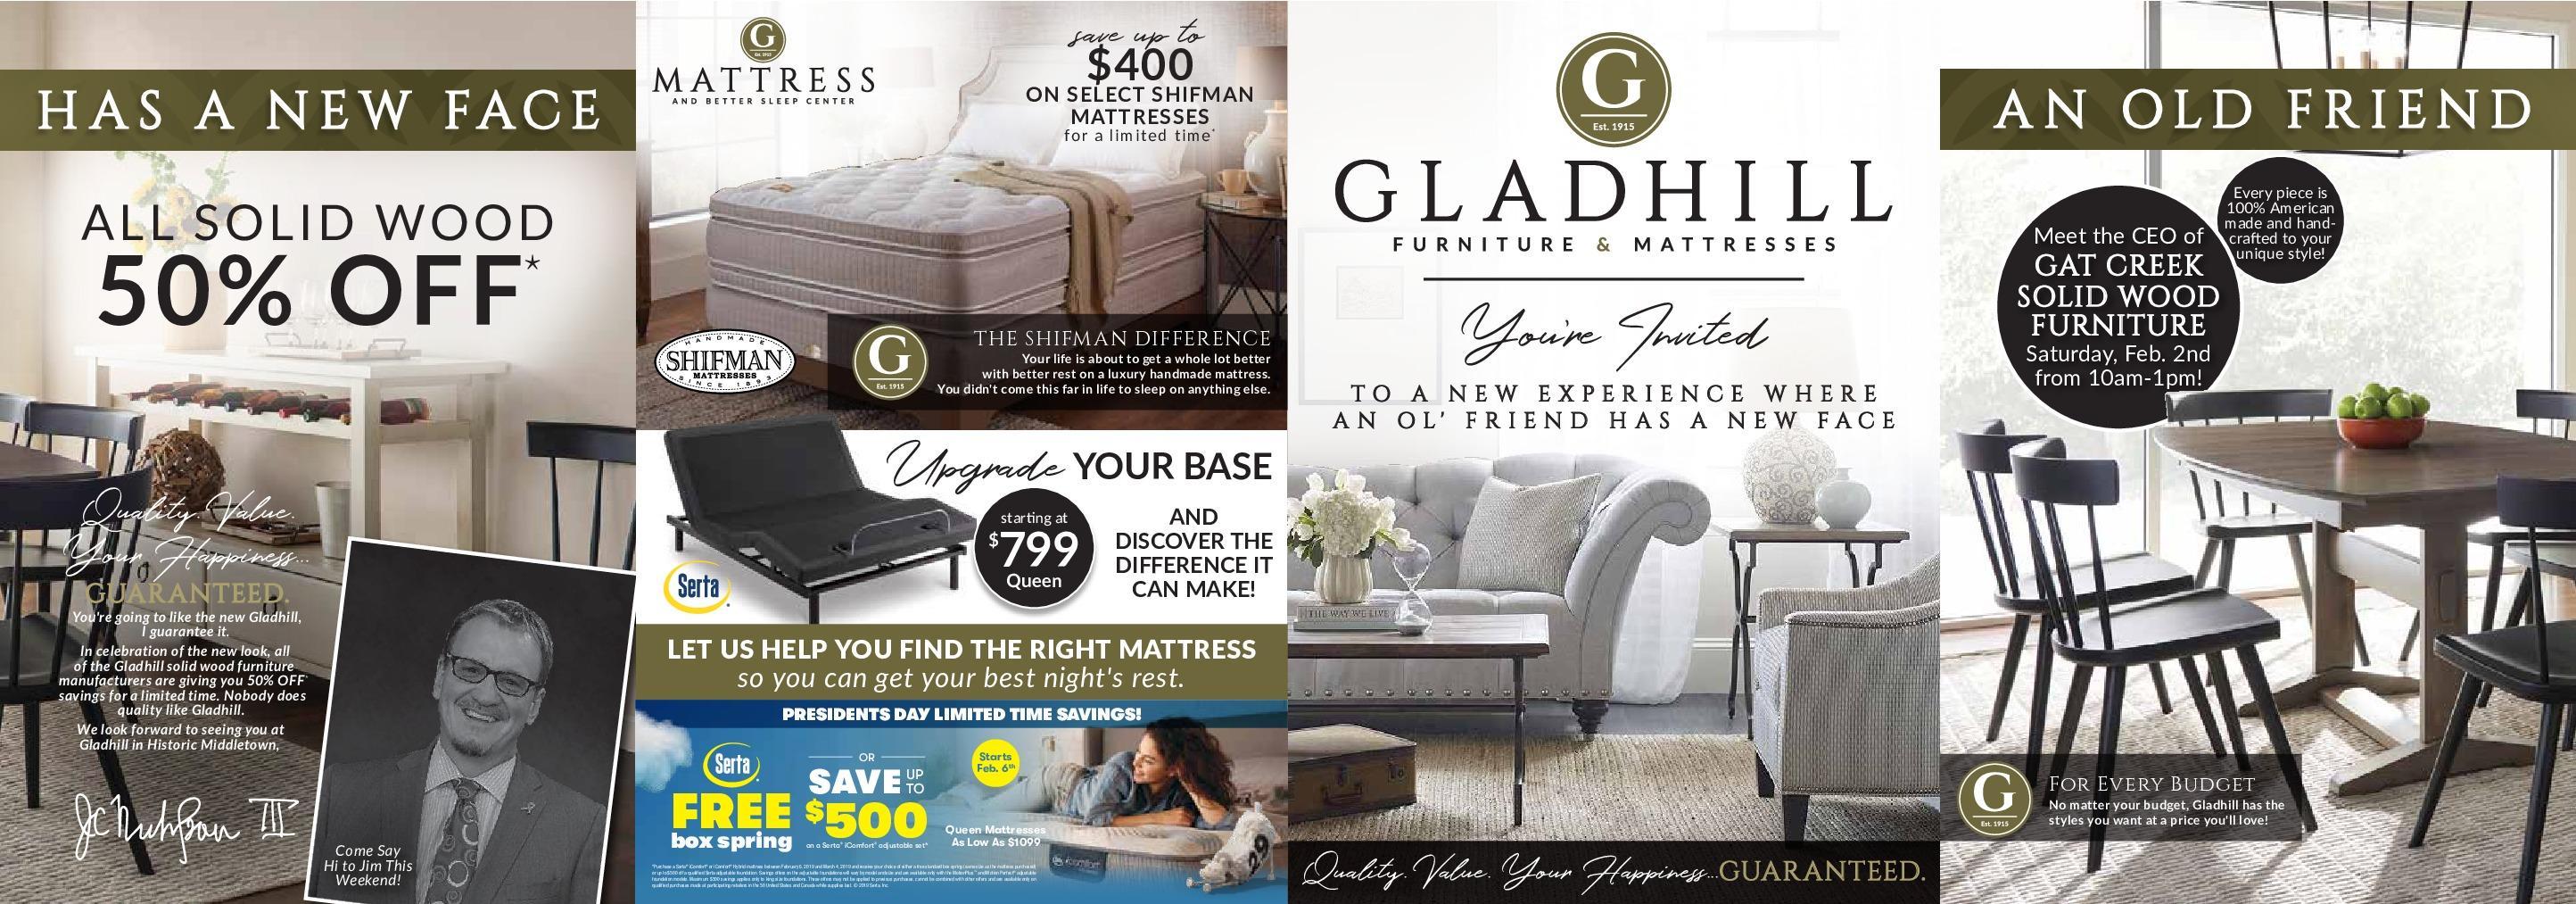 GLAD-9021-1911-PresidentsDay-WebSpecial-LR